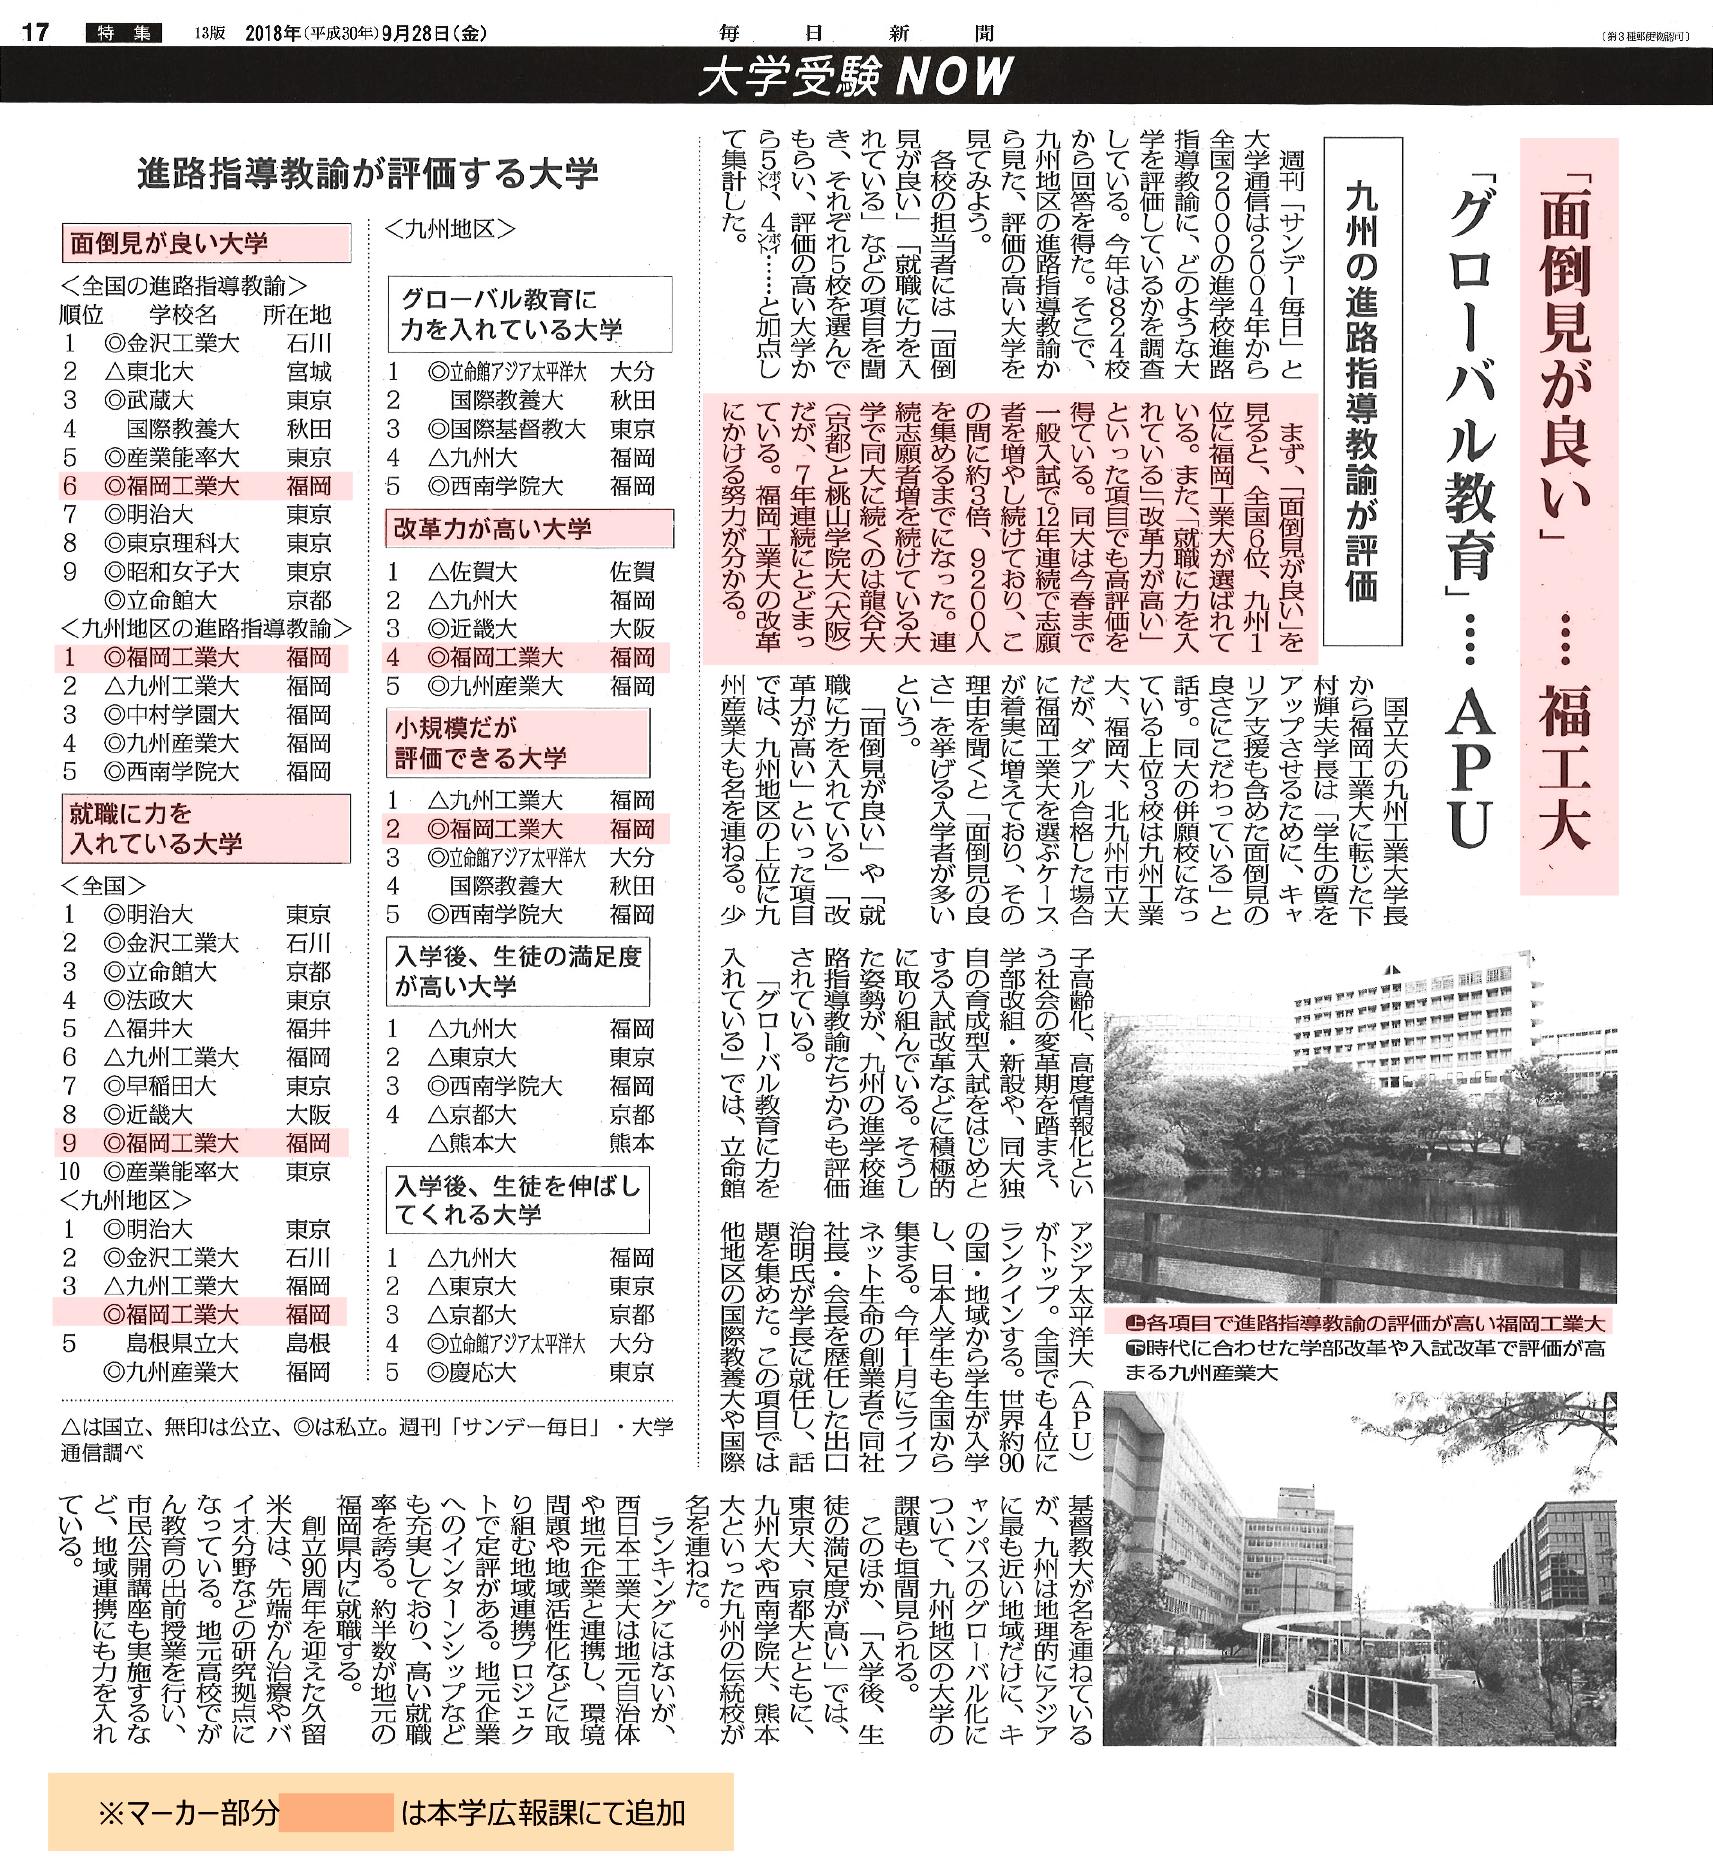 『毎日新聞』大学受験NOW(9月28日付)にて本学が紹介されました